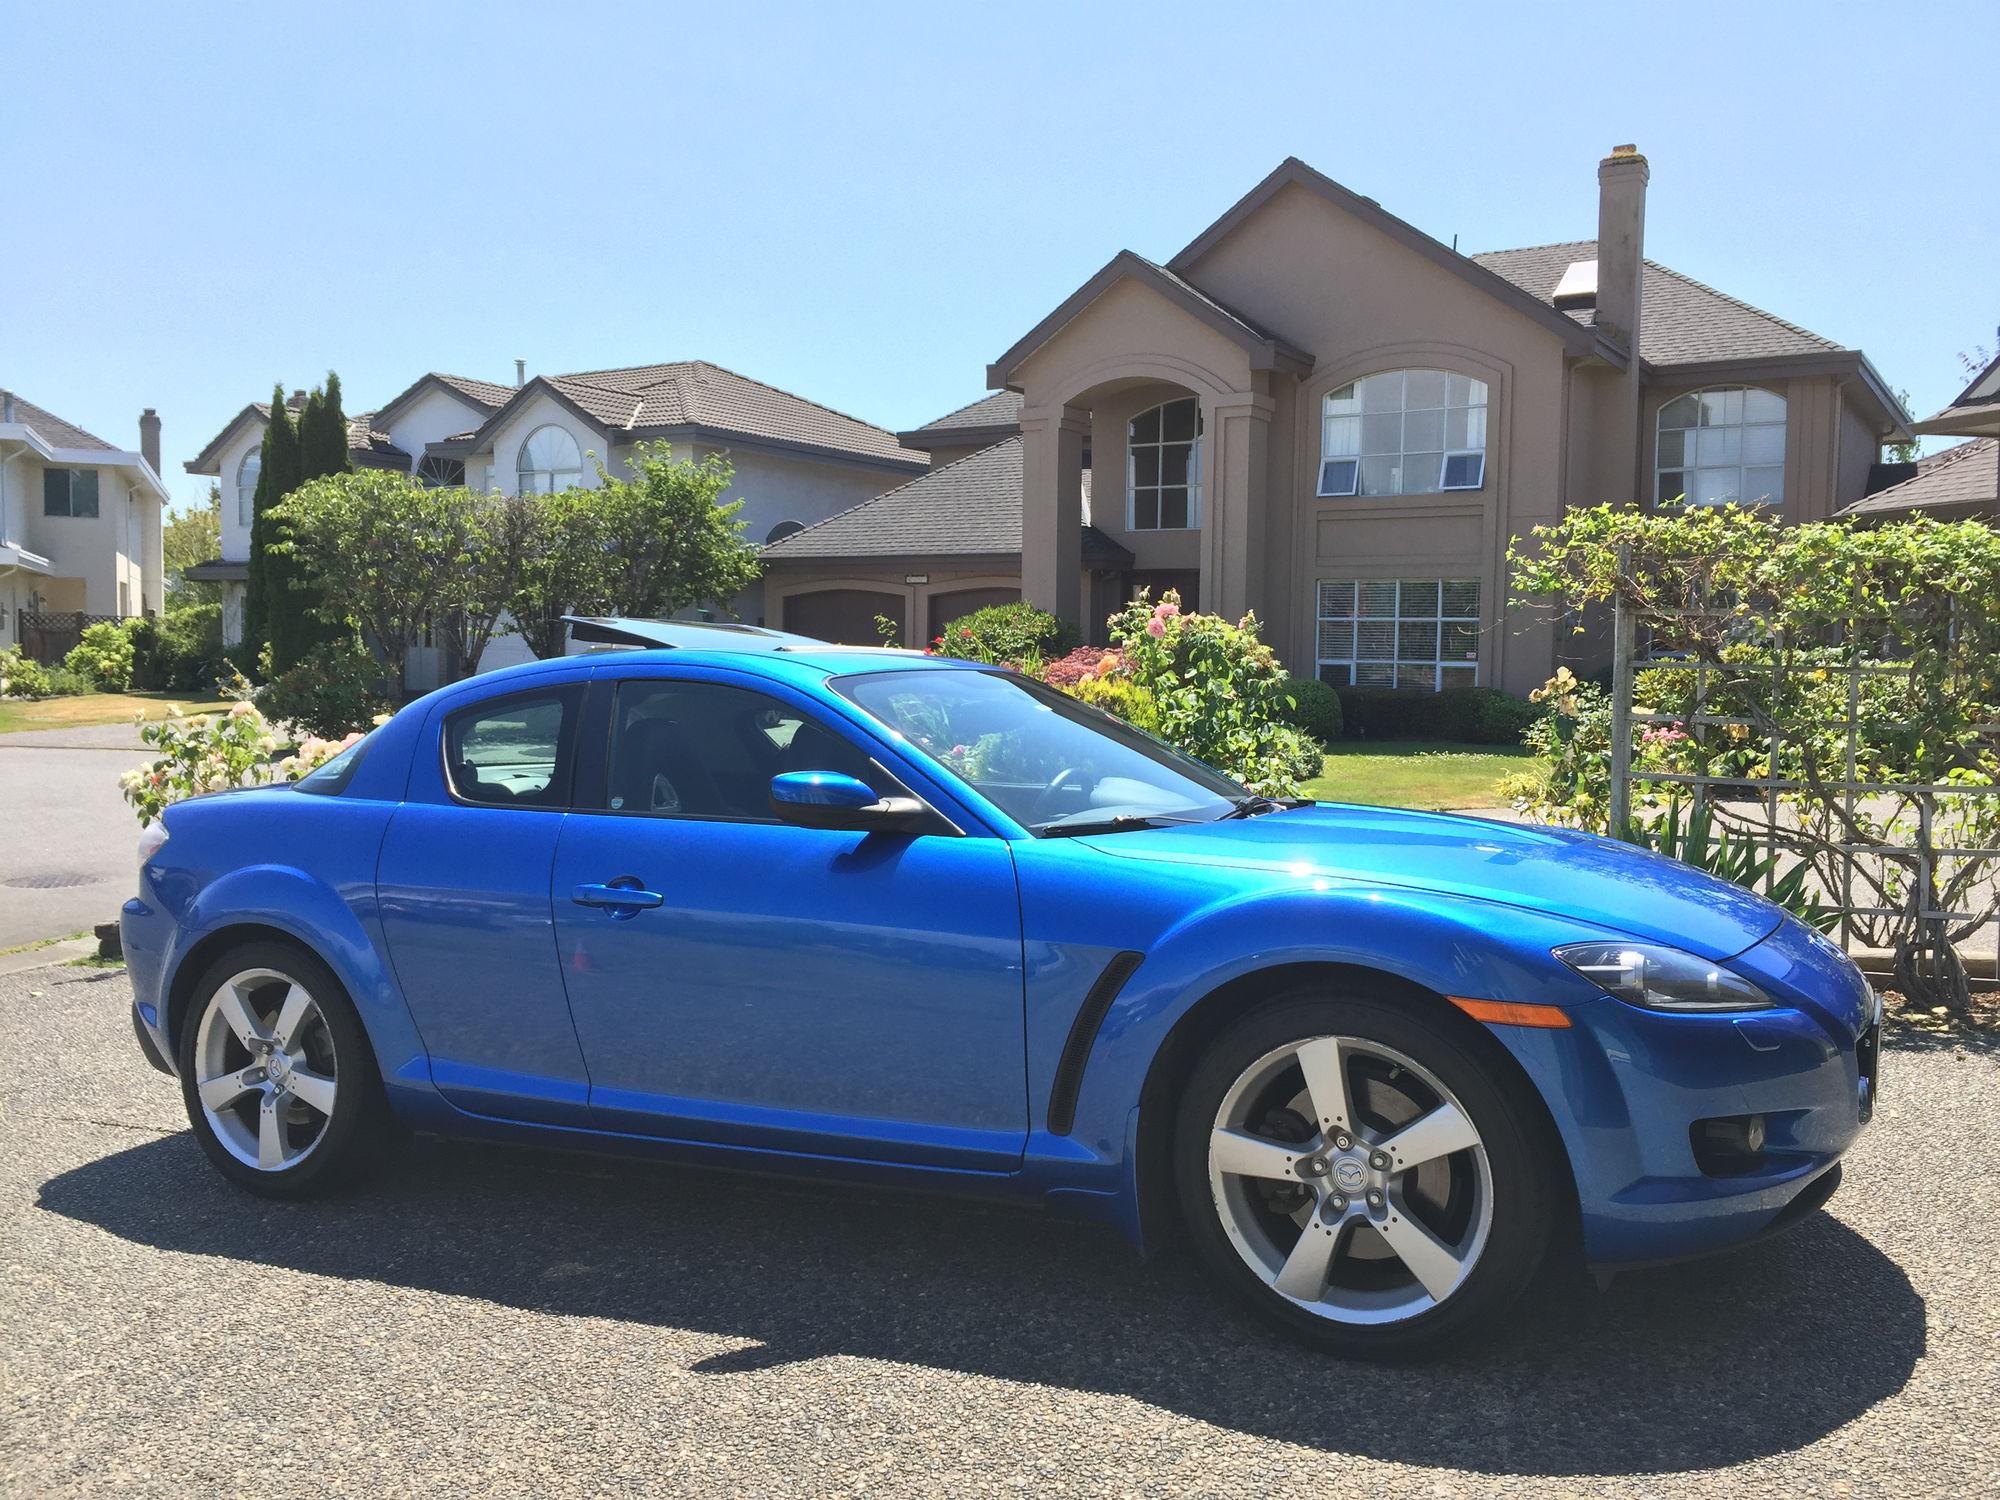 { FS } 2006 Blue Mazda RX8 GT, 6 spd - RX8Club.com